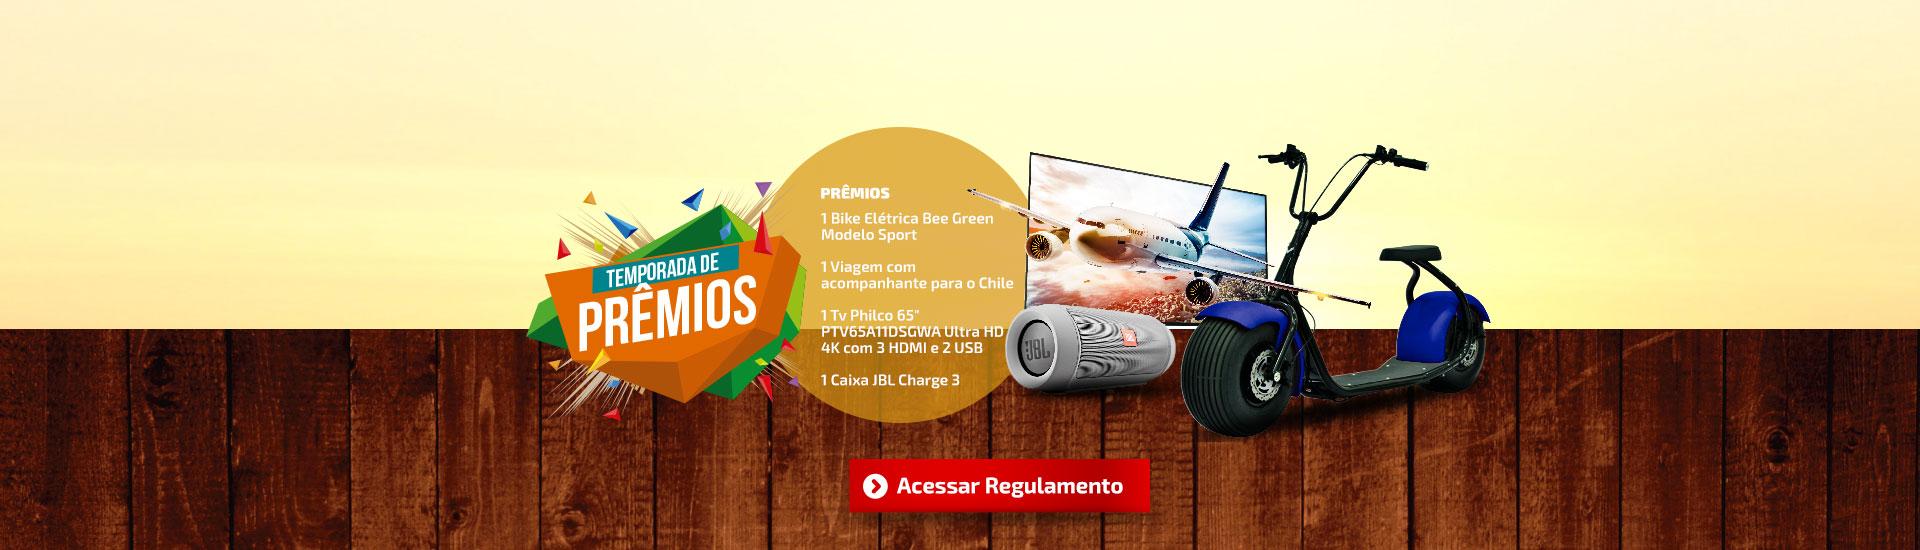 Slide-temporada-de-premios-verao-2019-em-santos-supermercado-DOM-CONSTANTIN-gonzaga-em-santos-sp